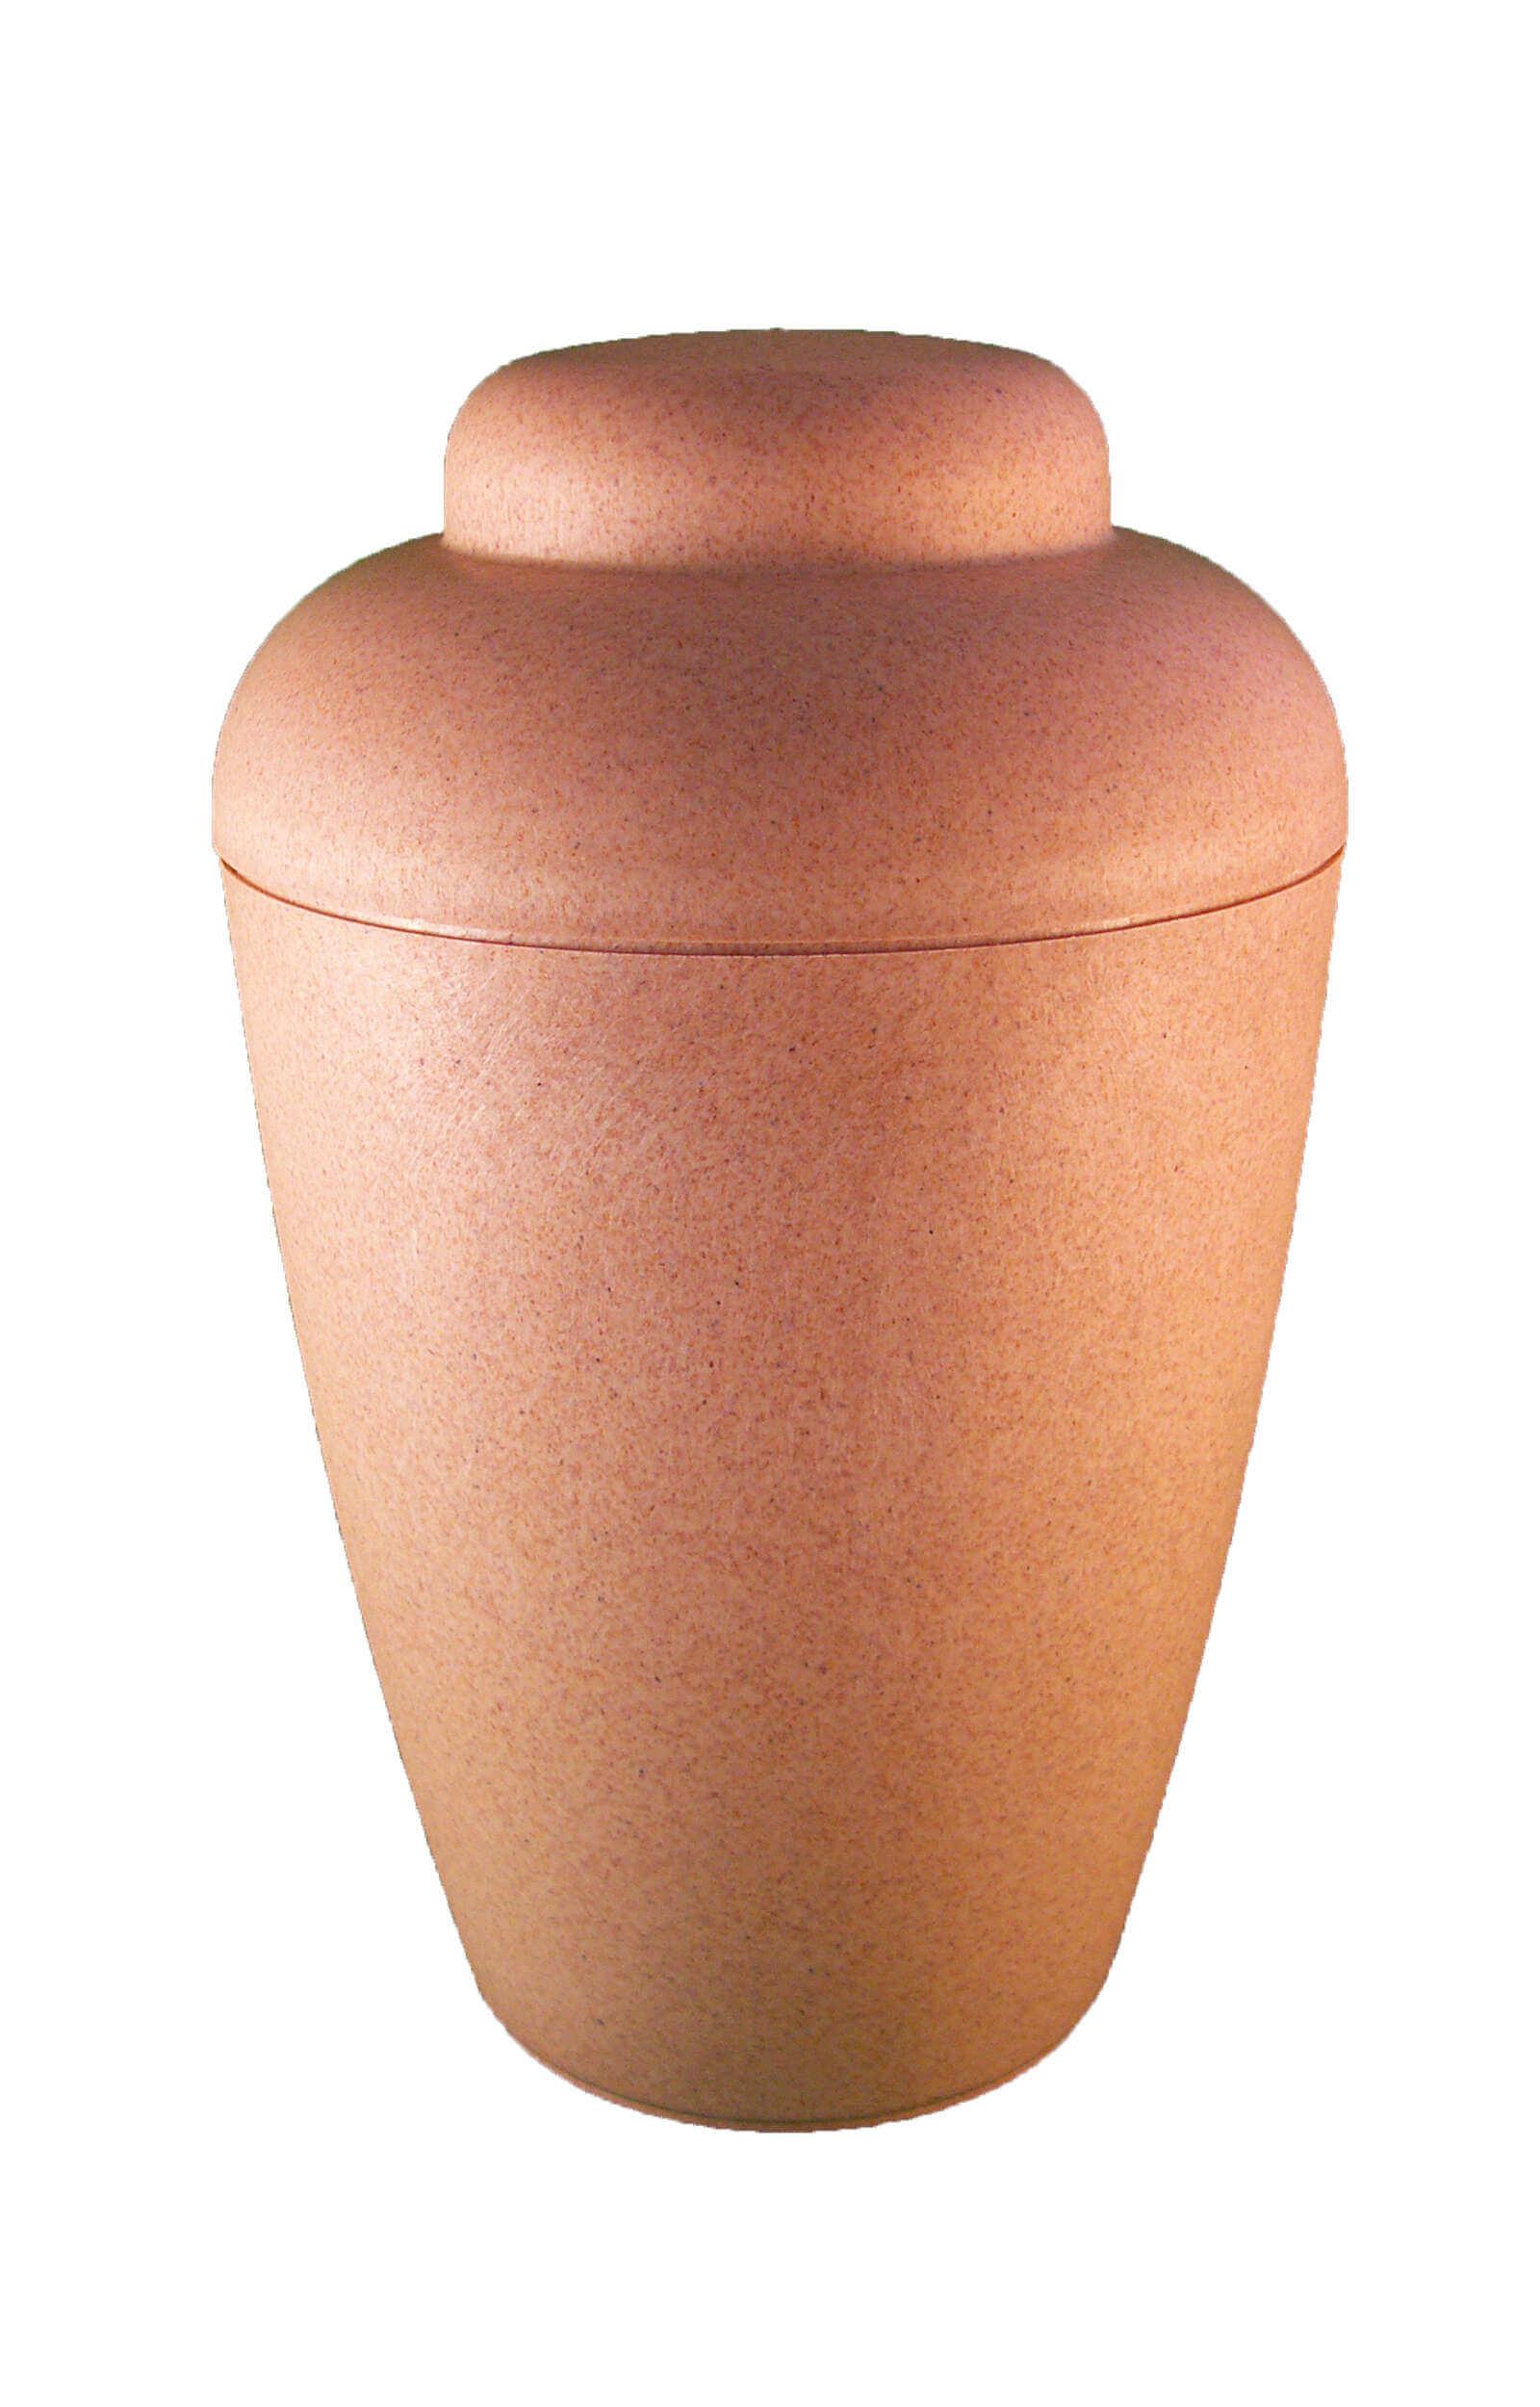 en BVN1401 biodigradable urn vale nature funeral urn for human ashes